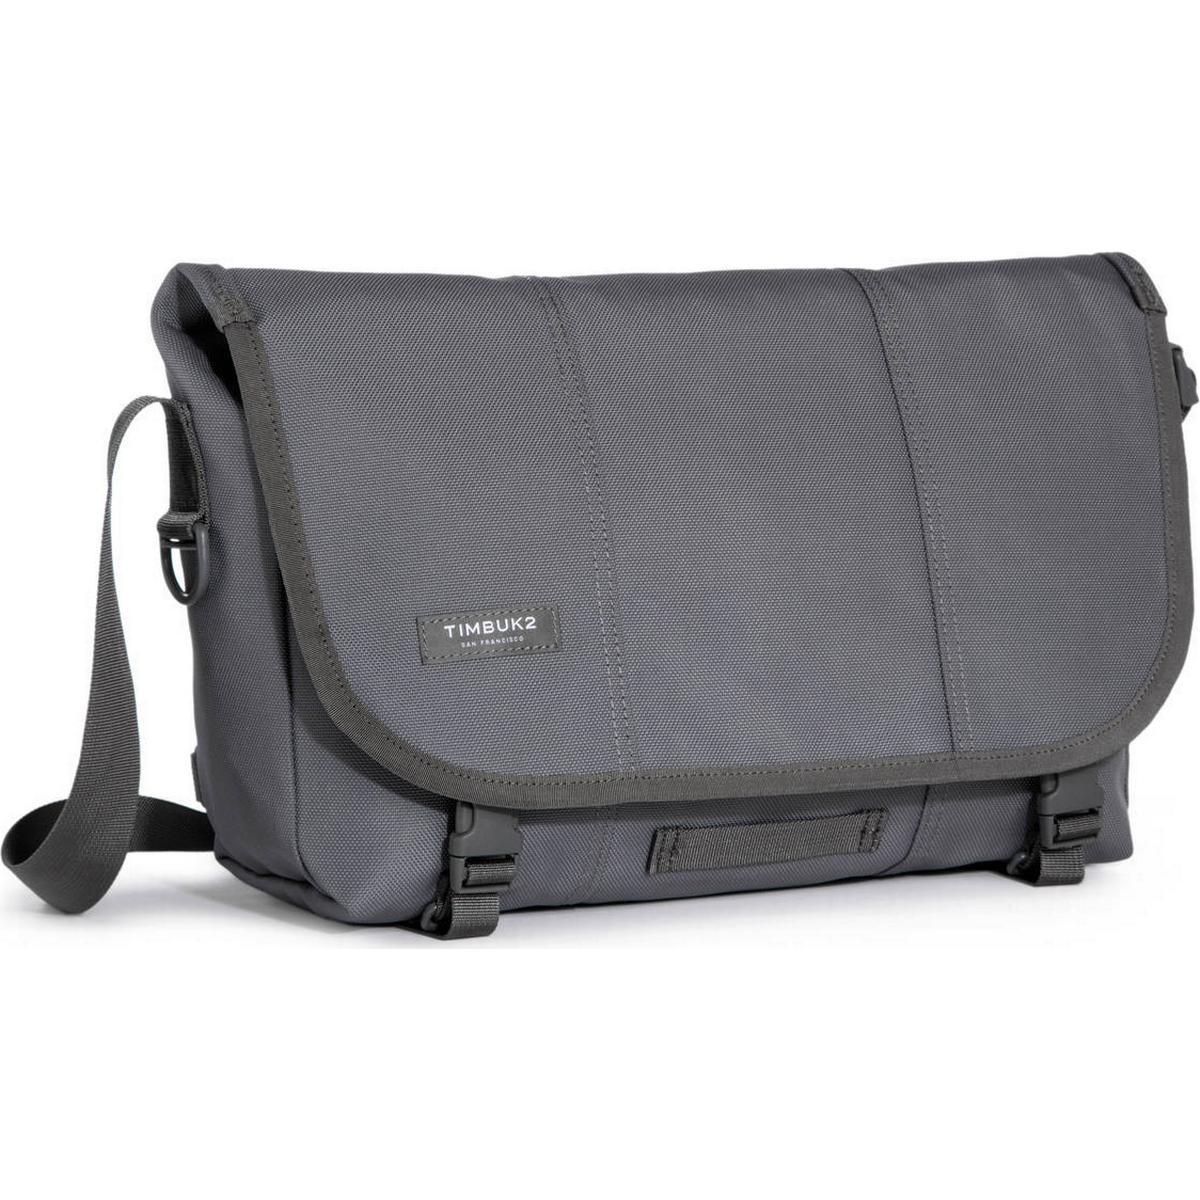 Timbuk2 Väskor (300+ produkter) hos PriceRunner • Se priser nu »